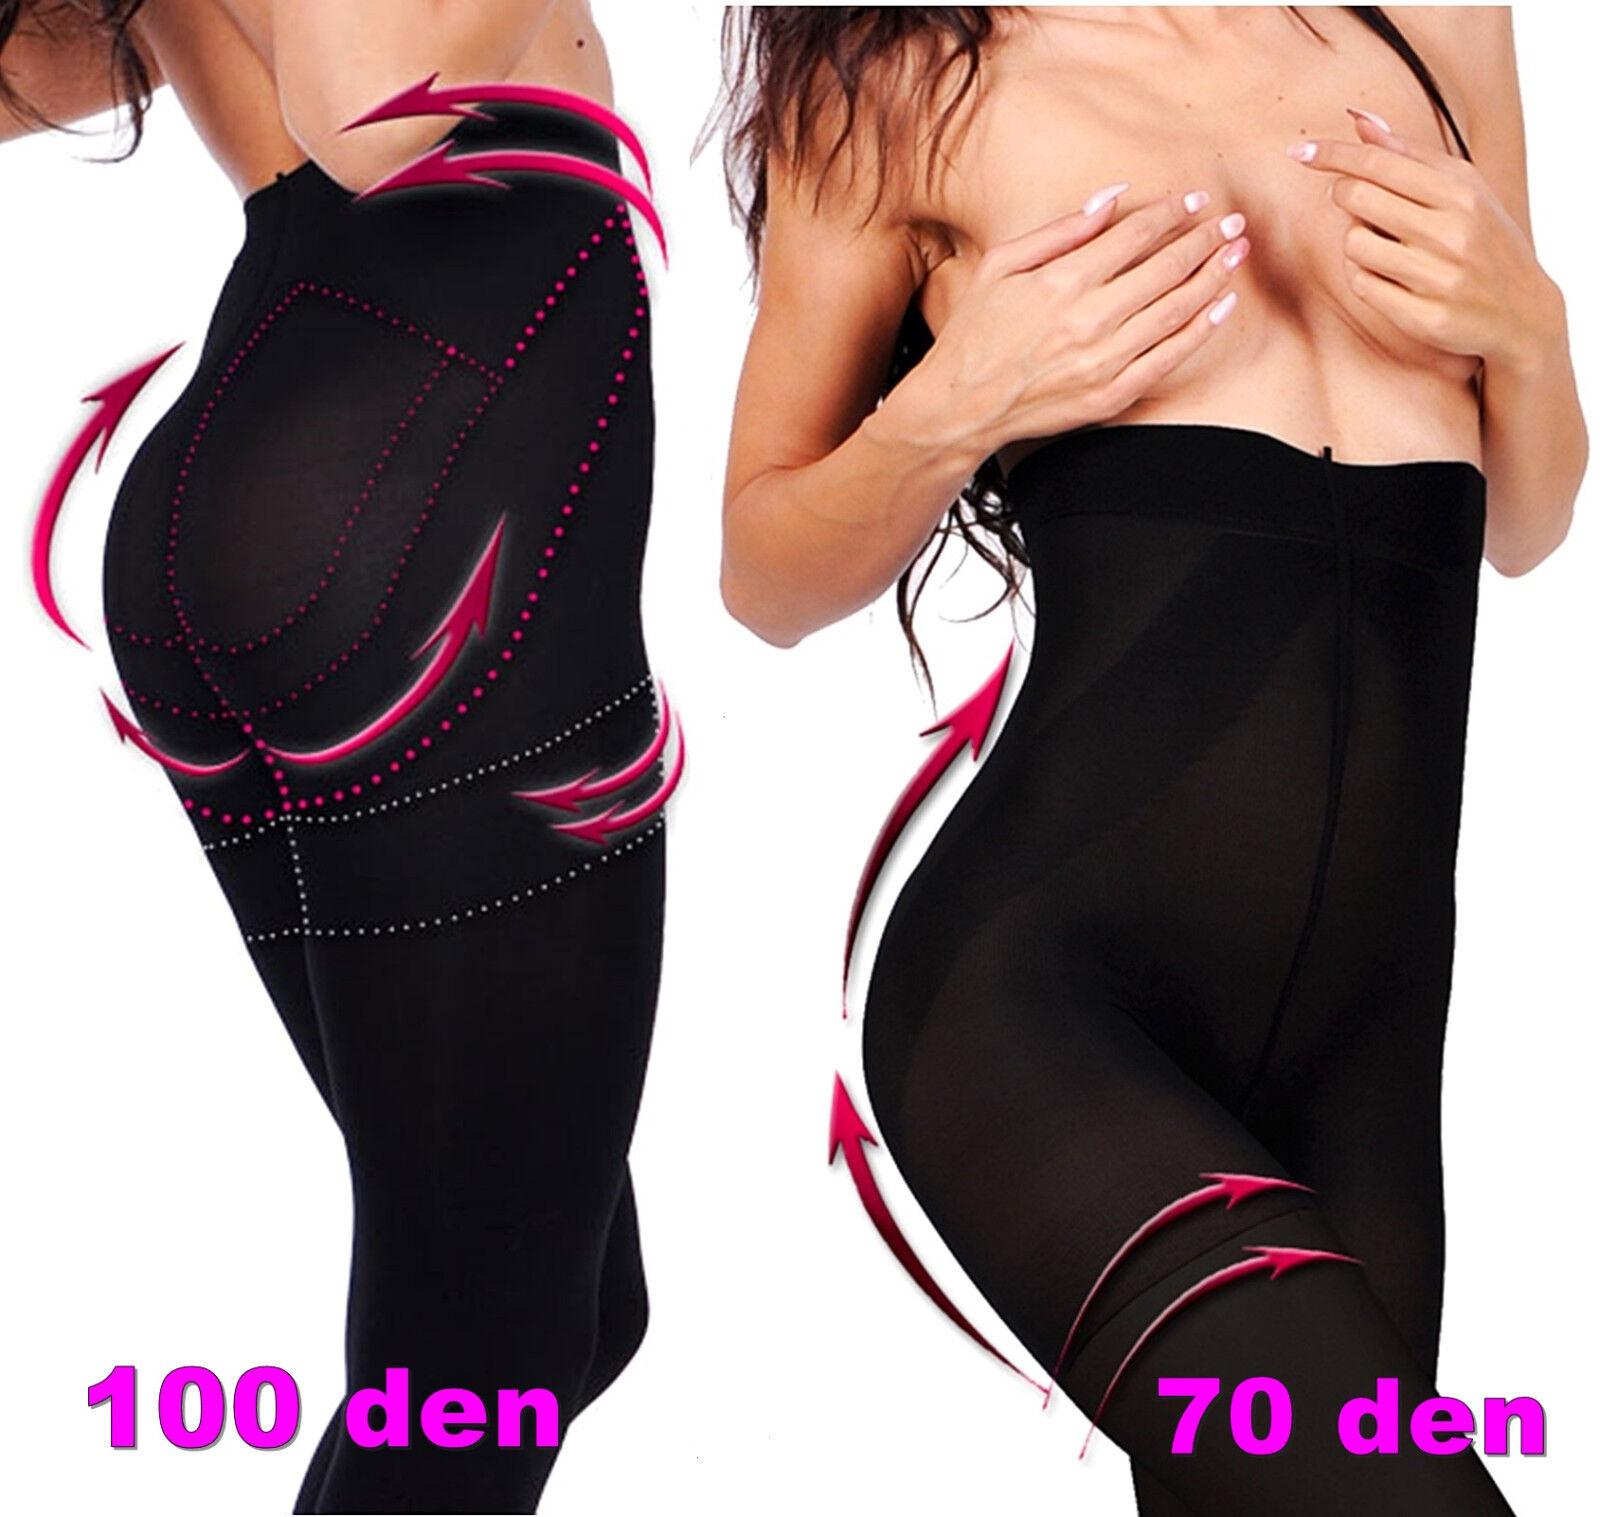 Push UP figurformende Damen Strumpfhose blickdicht 100 den schwarz Bauchweg